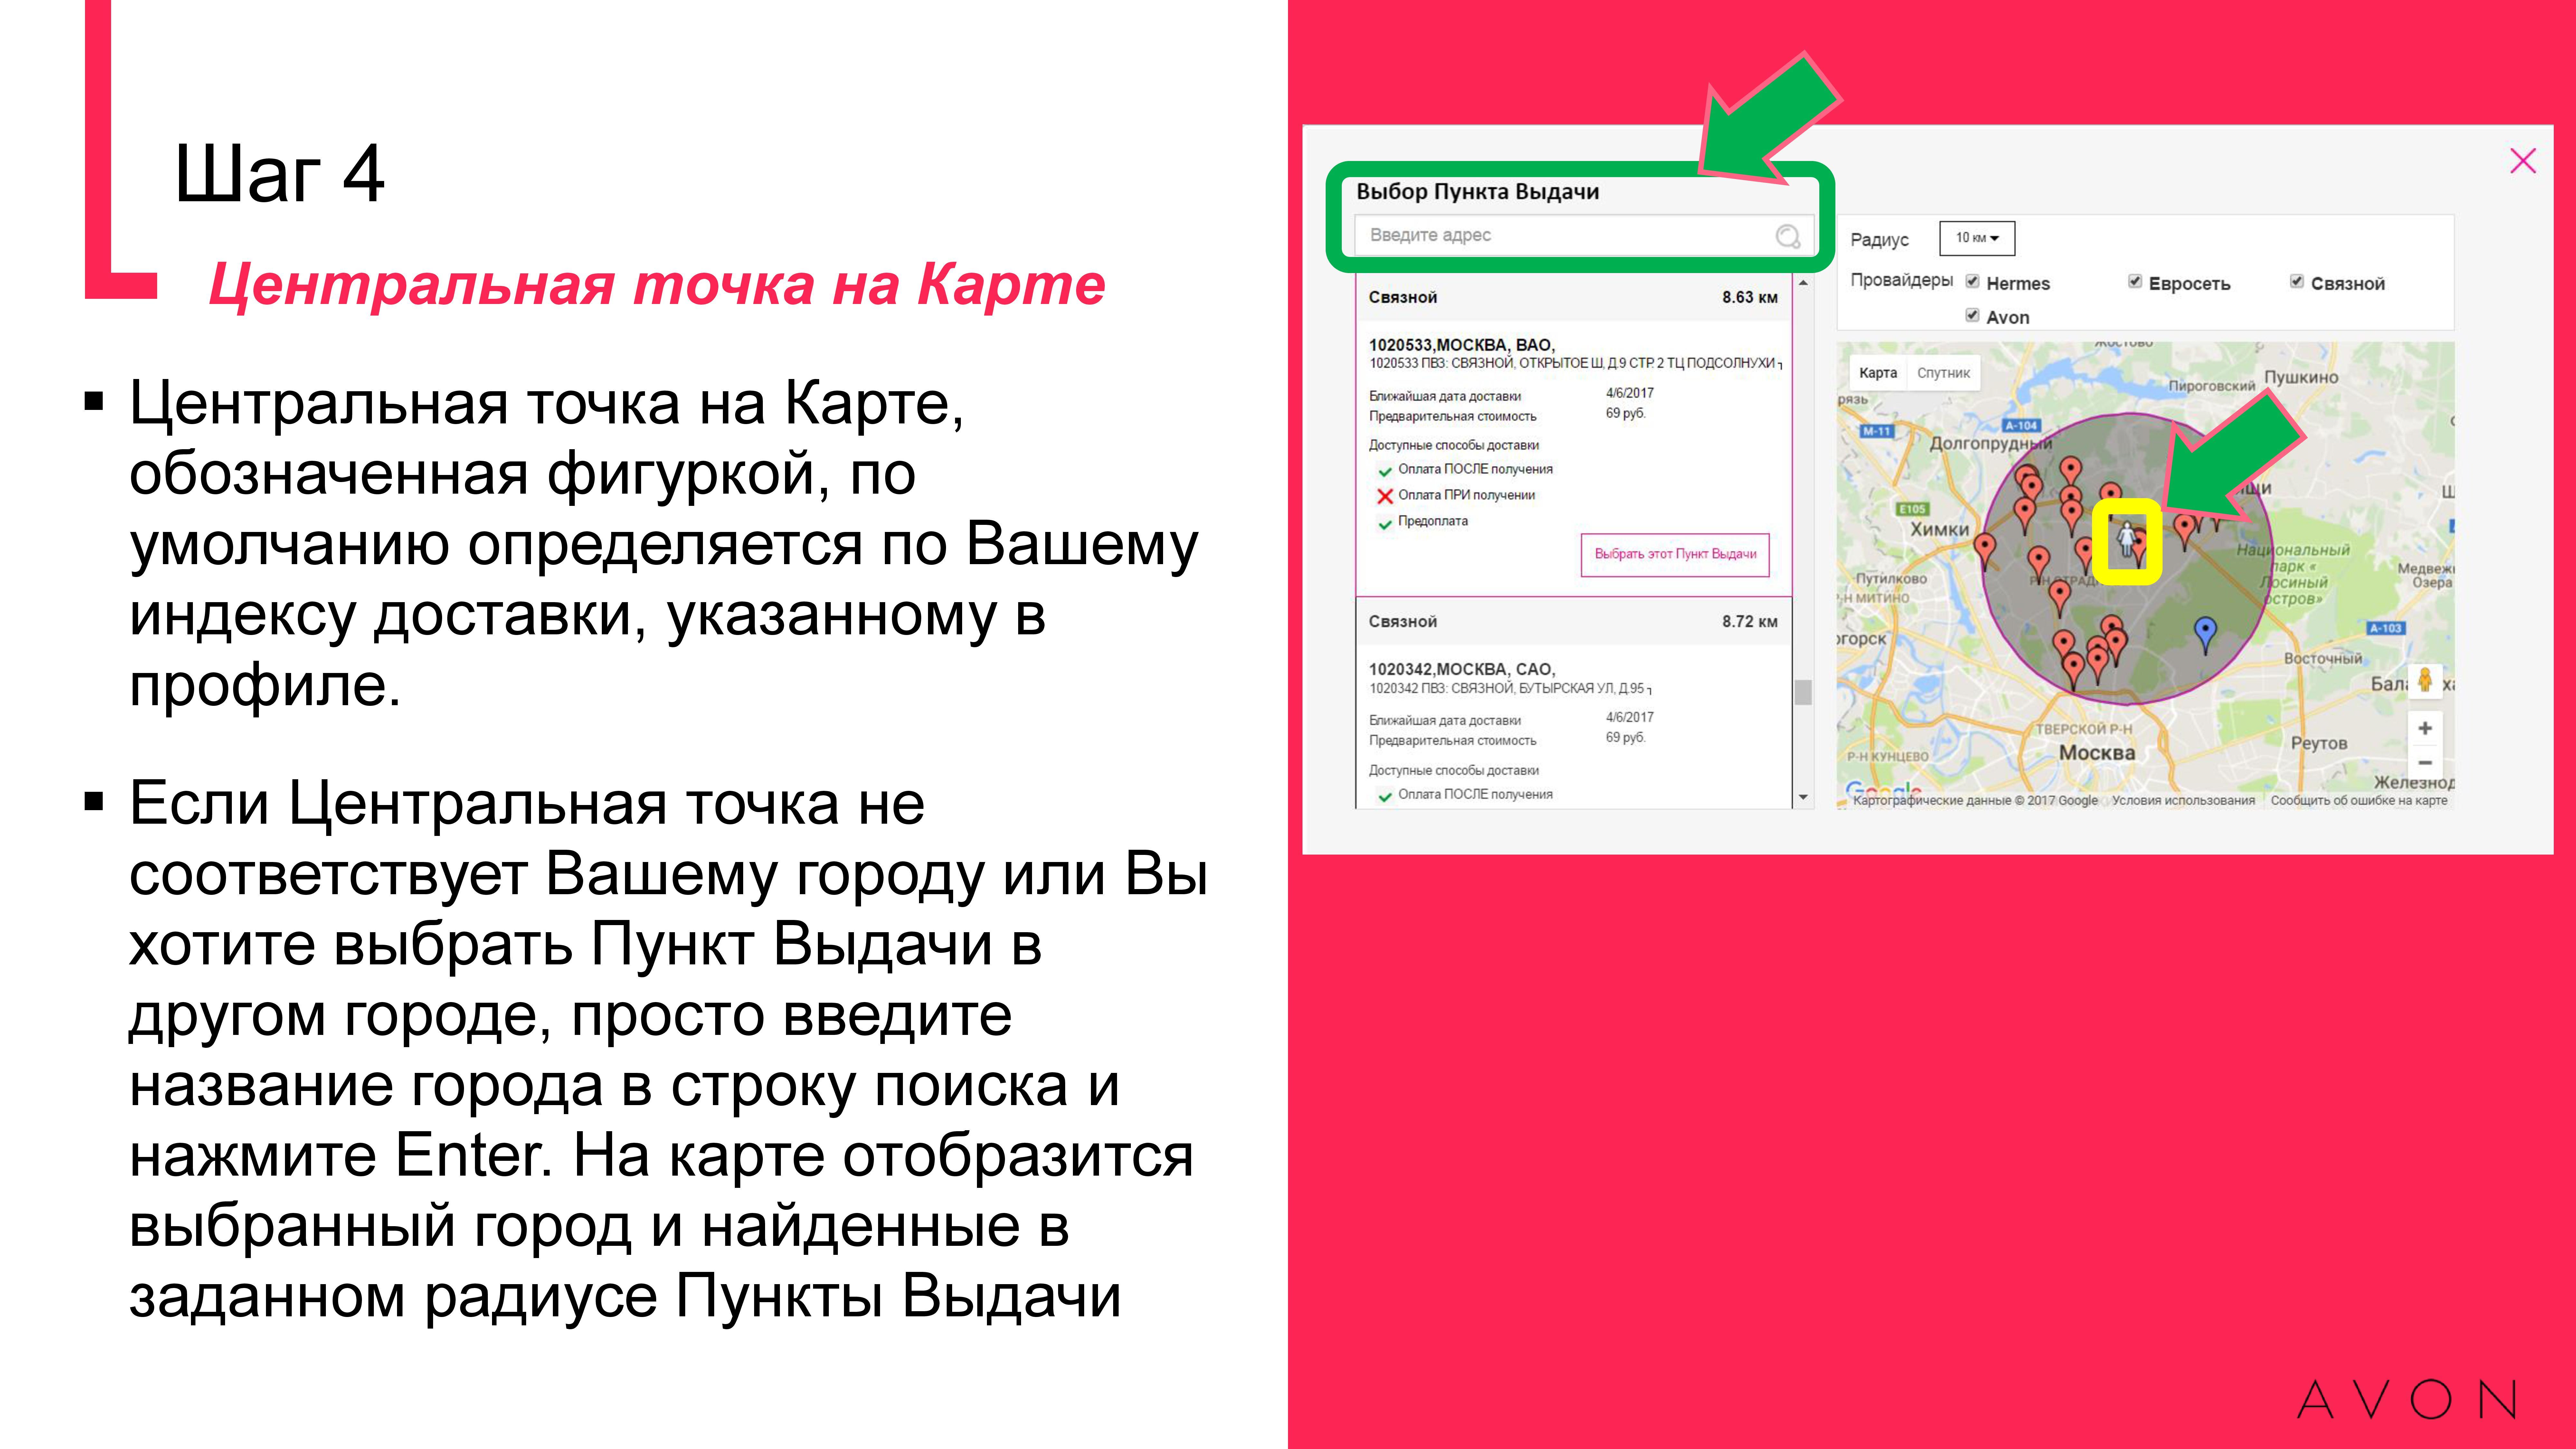 Эйвон офиц сайт представителям сделать заказ мастер серверов для css скачать